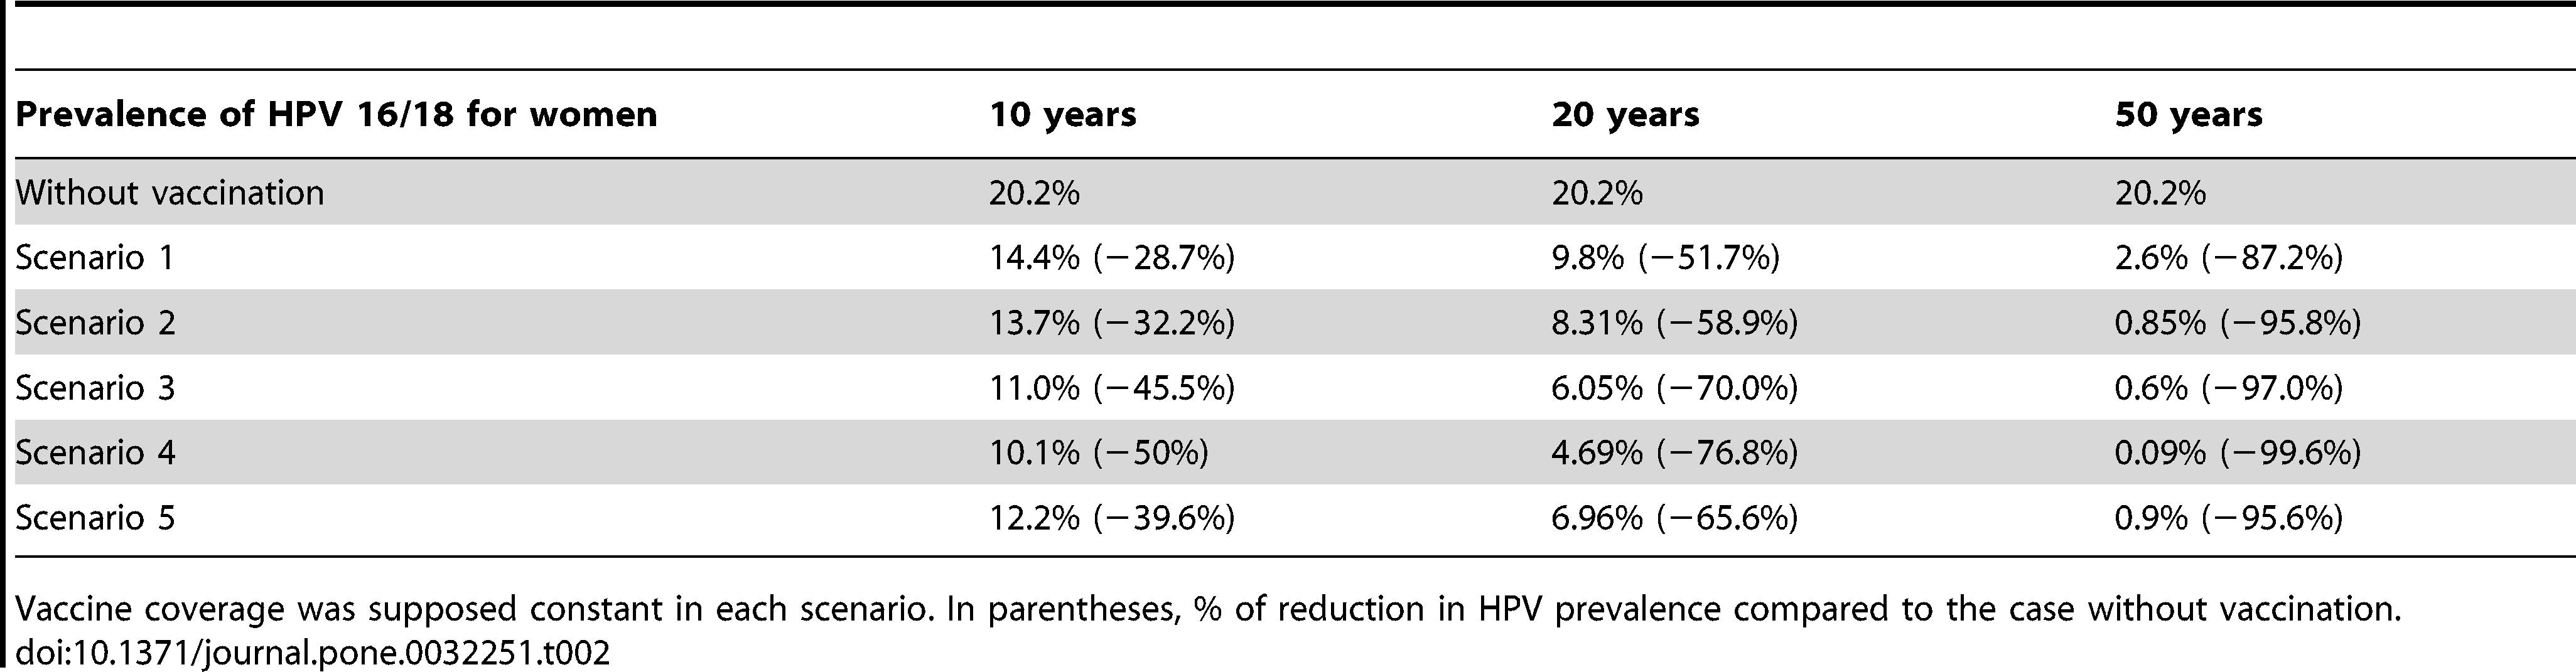 traitement papillomavirus hpv 16 cancer of rectosigmoid junction icd 10